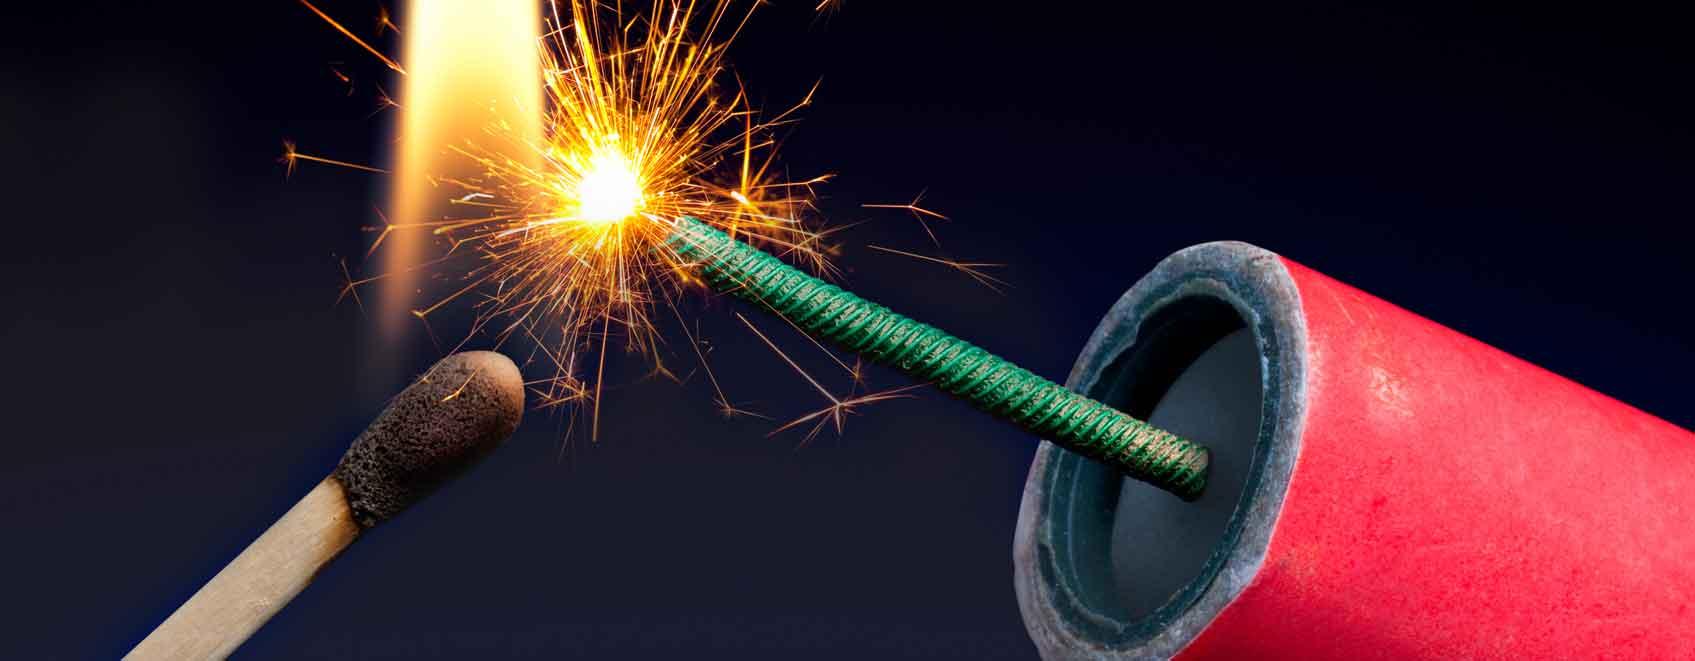 FireworksRisk_1695x661